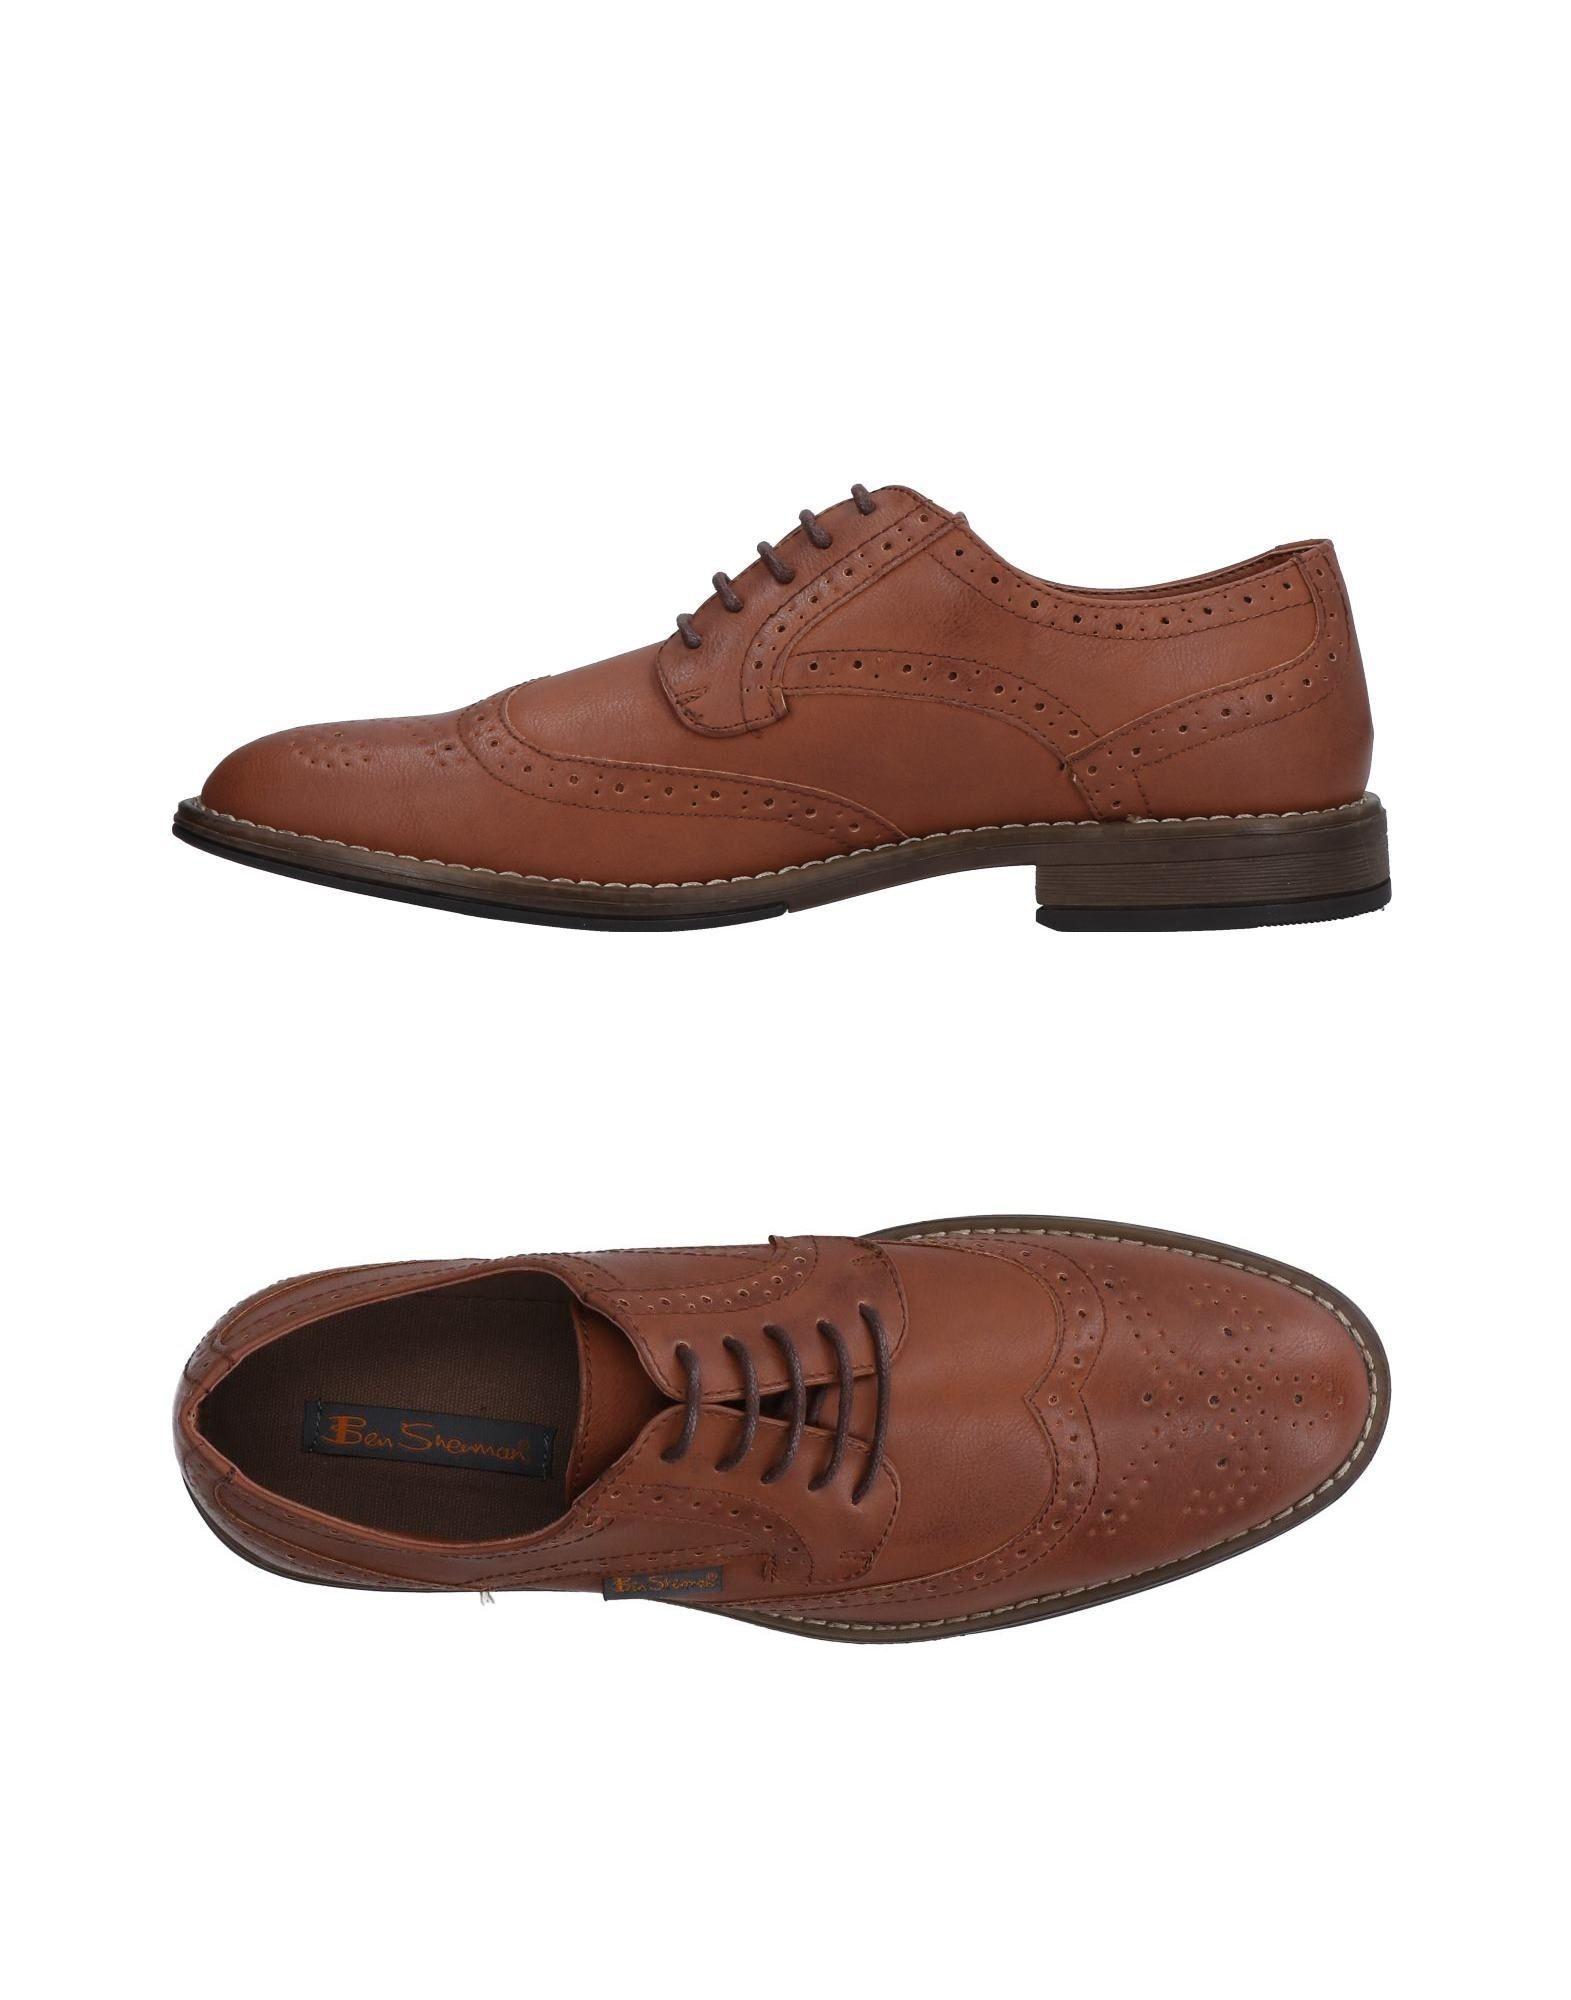 Фото - BEN SHERMAN Обувь на шнурках обувь на высокой платформе dkny